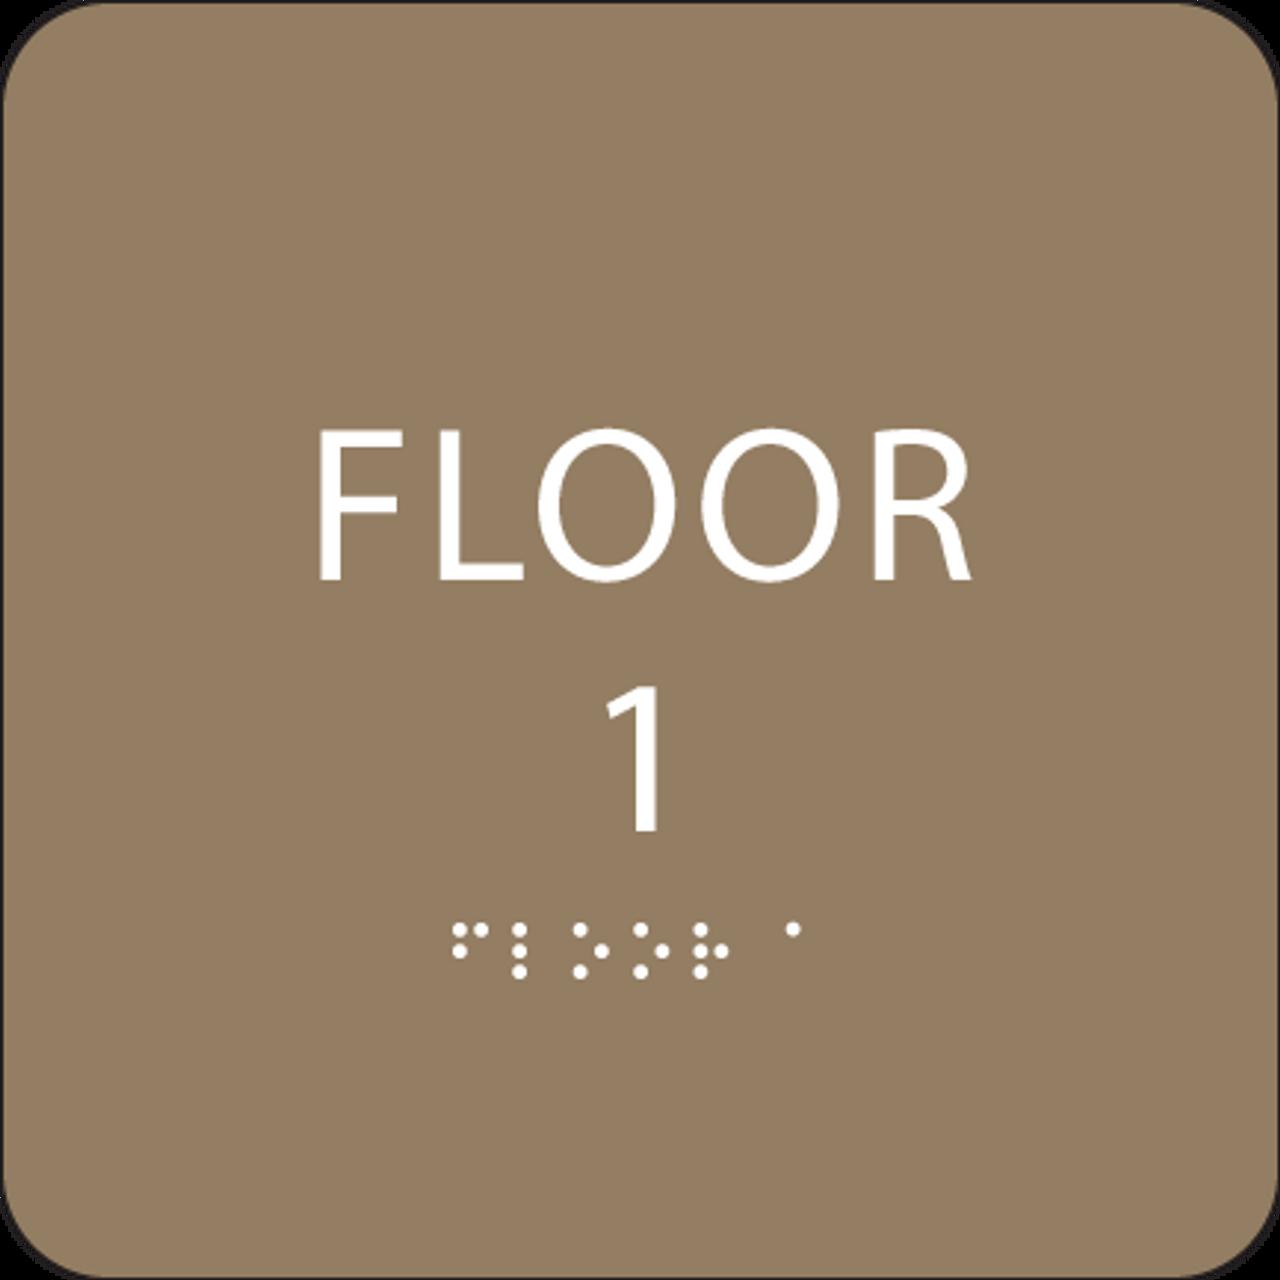 Brown Floor 1 Number Sign